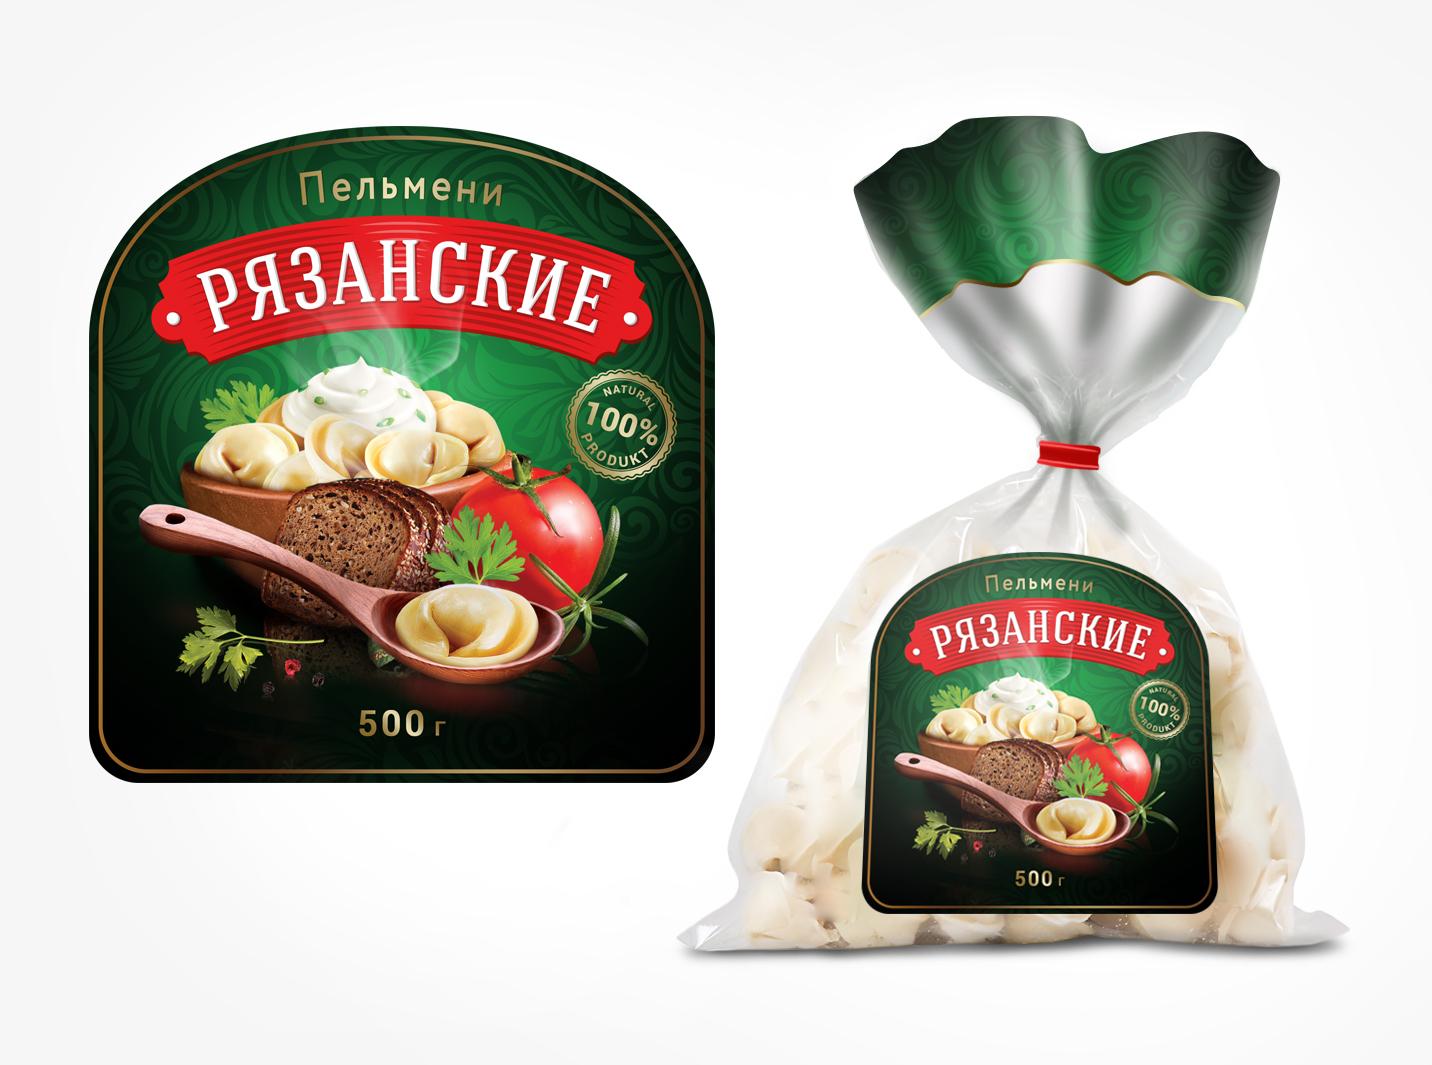 Ребрендинг дизайна упаковки для пельменей фото f_7295a612389452a8.jpg